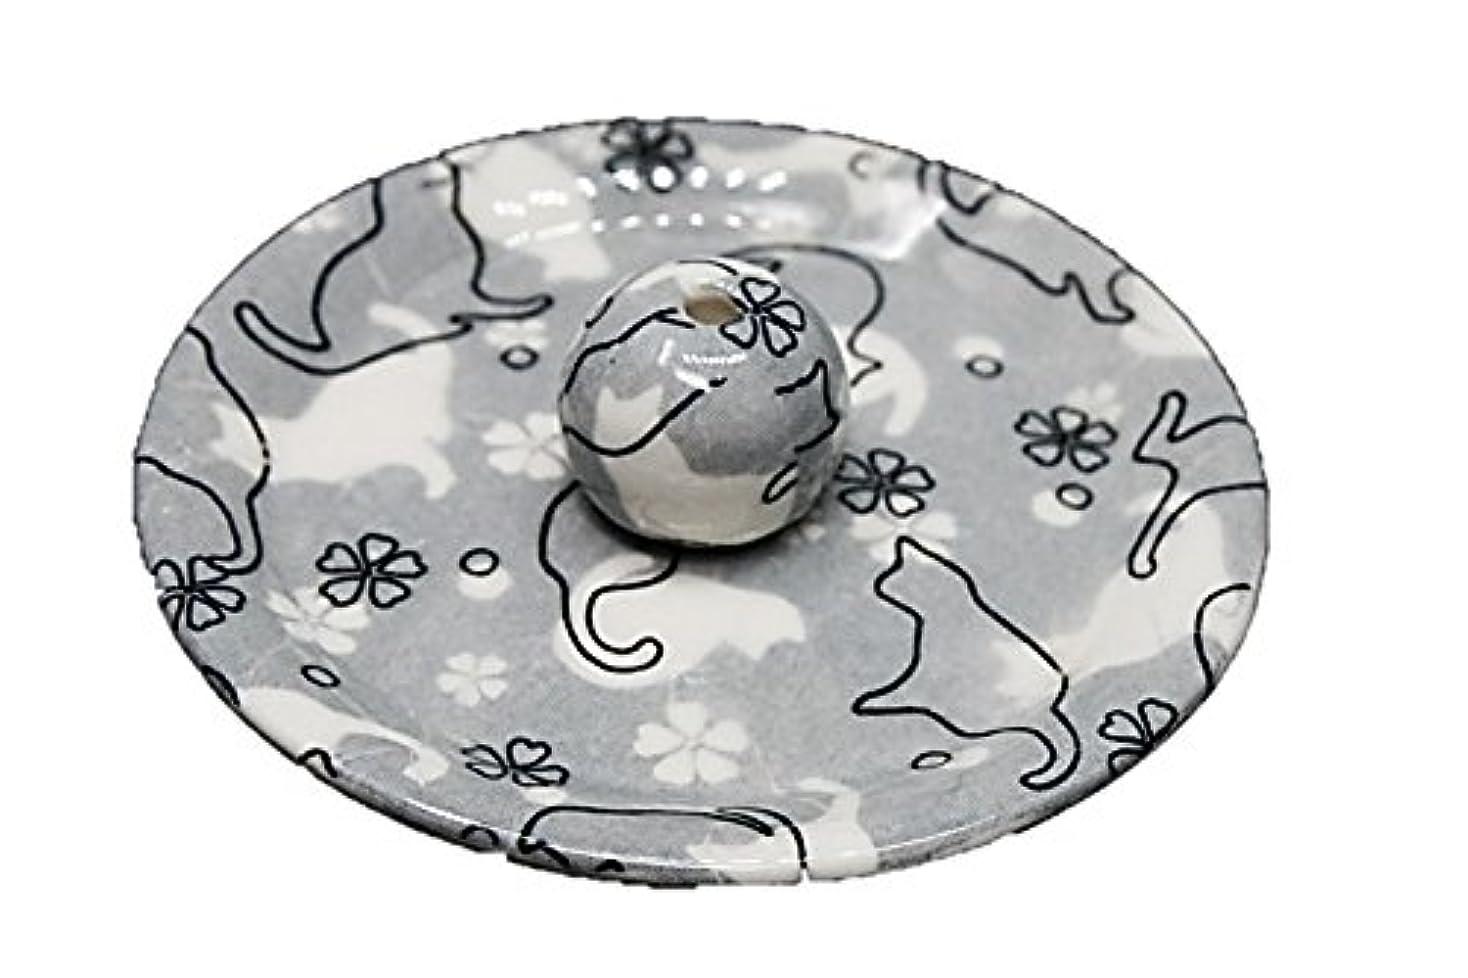 すぐにドラゴン密度9-48 ねこランド(グレー) 9cm香皿 日本製 お香立て 陶器 猫柄